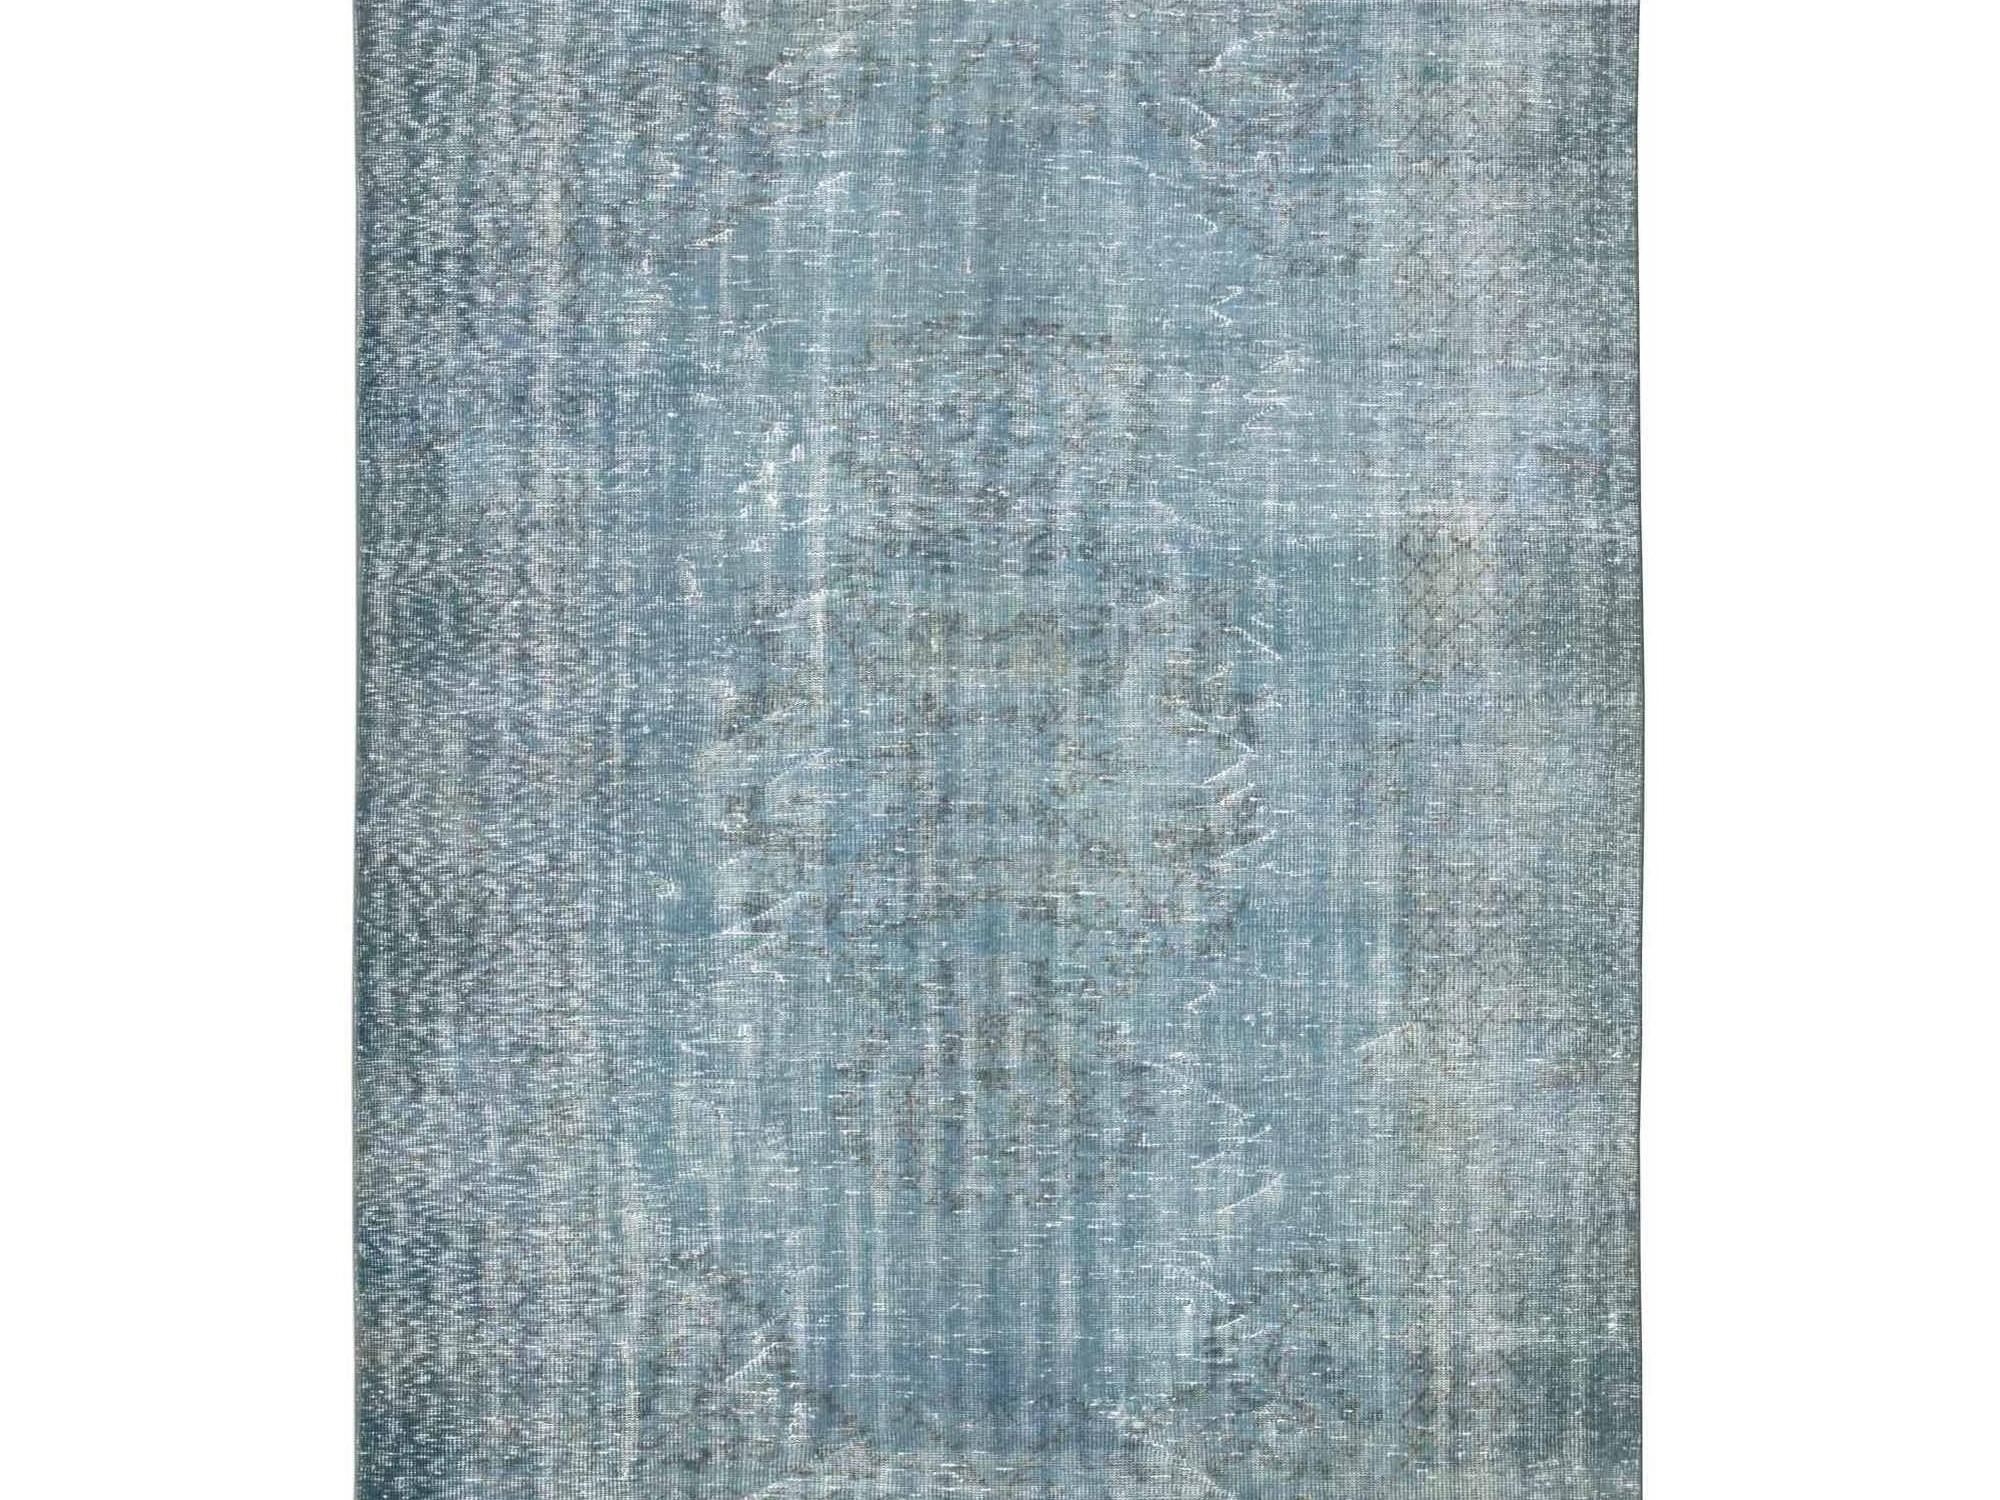 Ковер PatchworkПрямоугольные ковры<br>Винтажный ковер ручной работы в стиле пэчворк <br>из 100% шерсти. Ковер прекрасно подходит в <br>любые современные и классические интерьеры, <br>а благодаря толщине ковра всего 5 мм. и отсутствию <br>ворса, его легко чистить любыми видами пылесосов. <br>Этот настоящий ковер ручной работы не потеряет <br>своих красок и будет служить десятилетия.<br><br>kit: None<br>gender: None